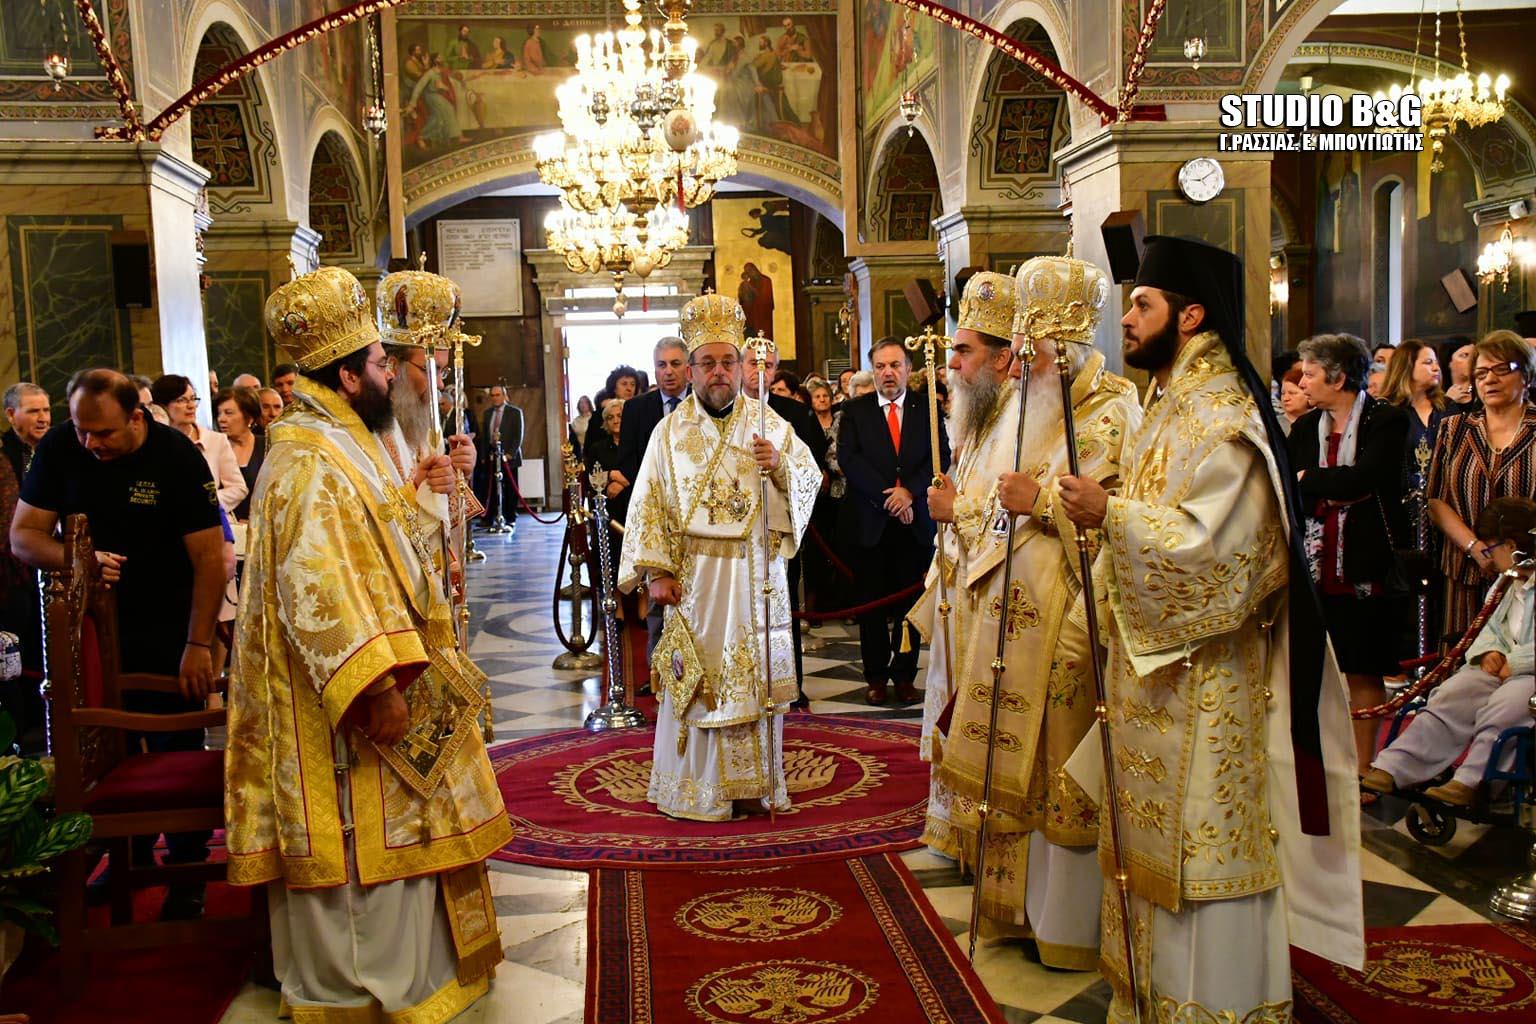 Πολυαρχιερατική Θεία Λειτουργία στον Καθεδρικό Ι.Ναό Αγίου Πέτρου Άργους